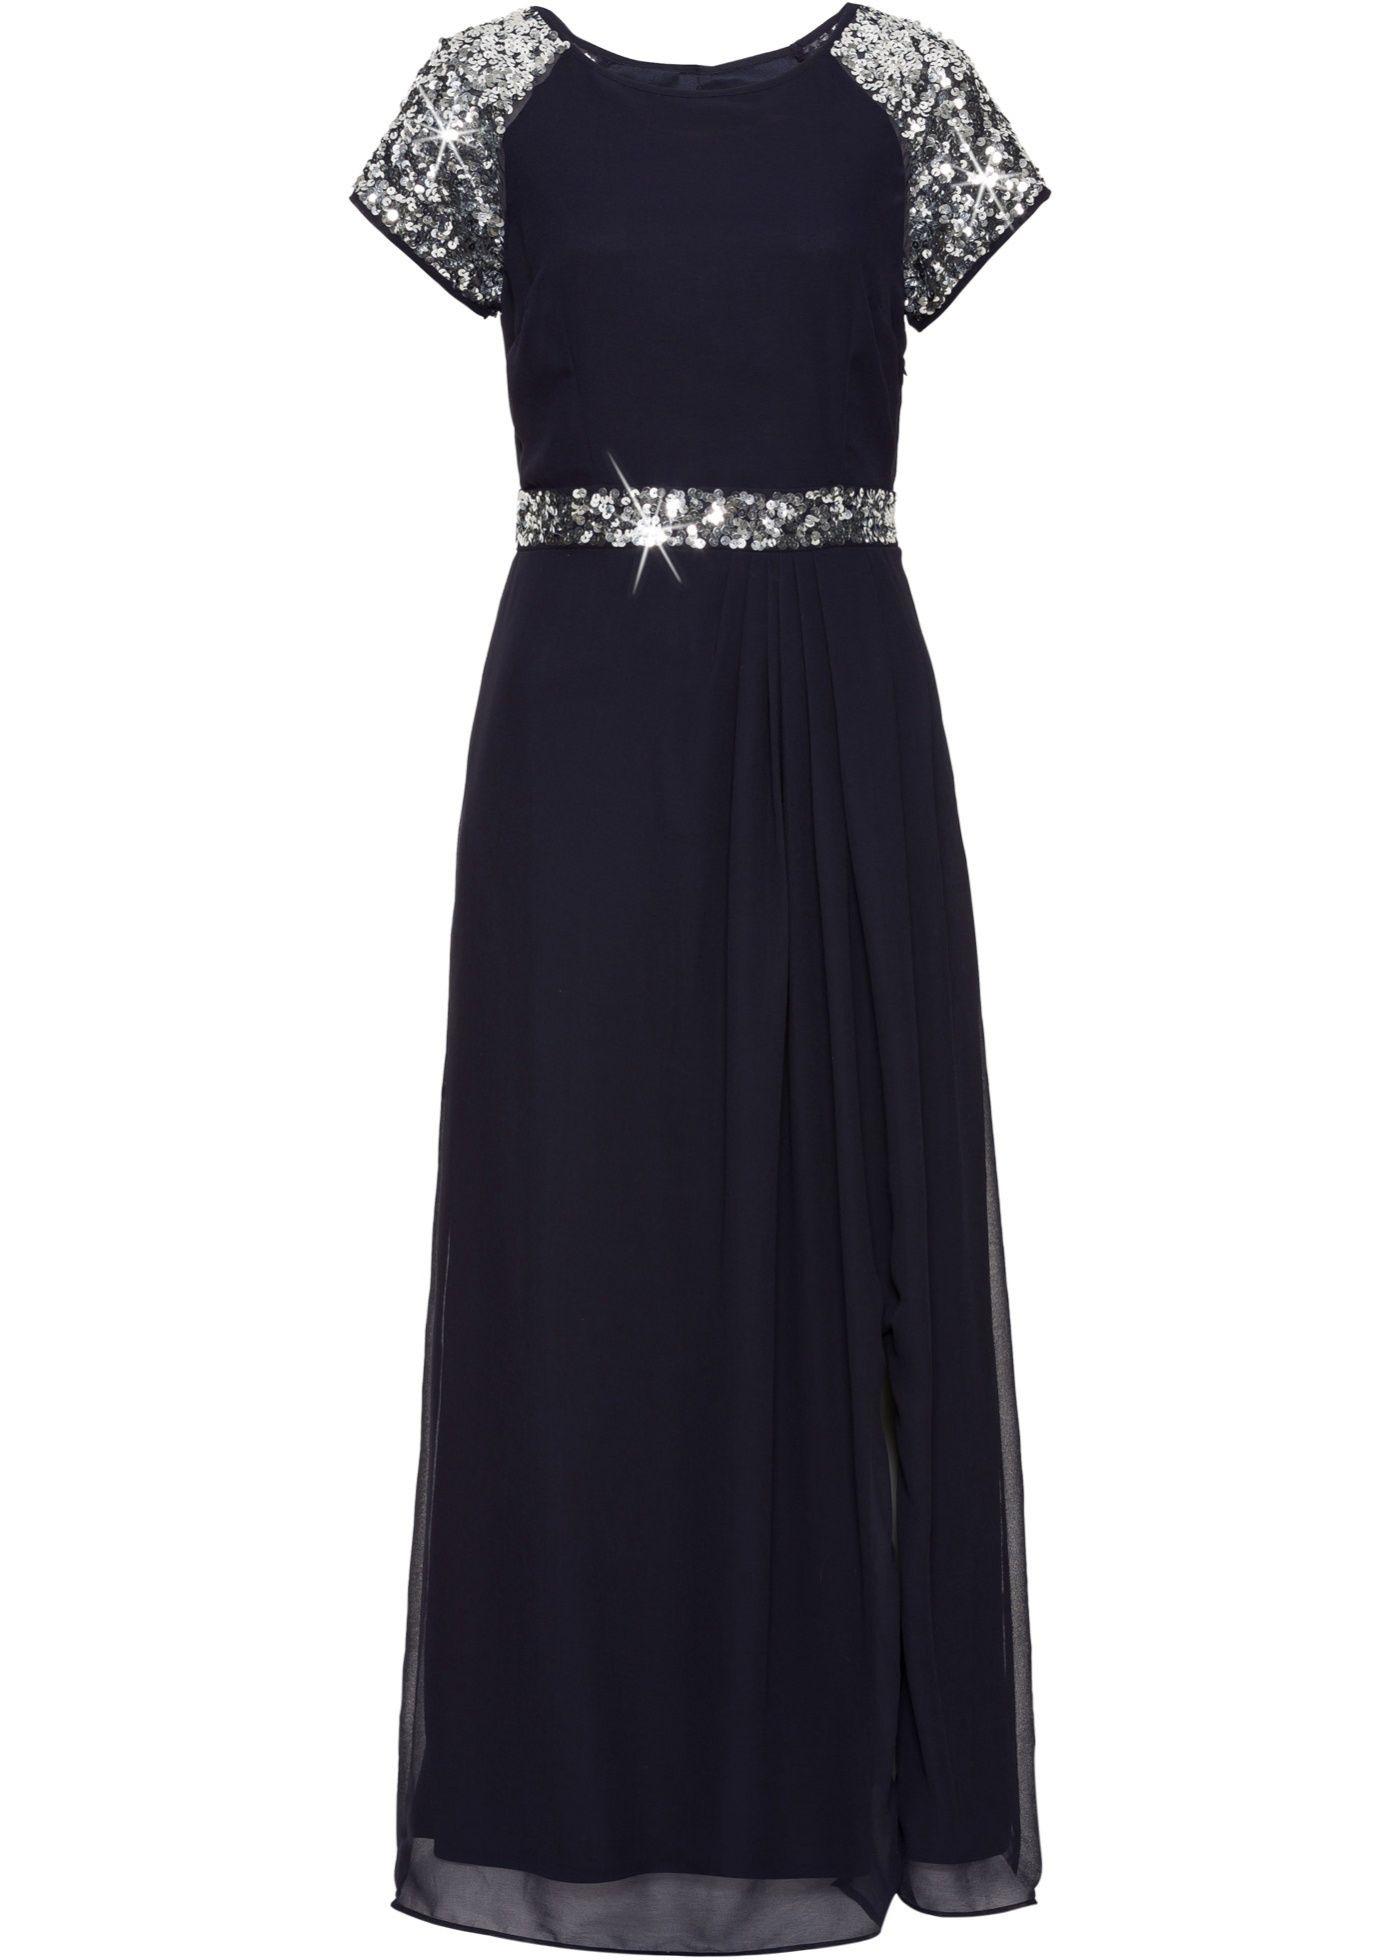 15 Wunderbar Bonprix Abendkleid Design Ausgezeichnet Bonprix Abendkleid Bester Preis